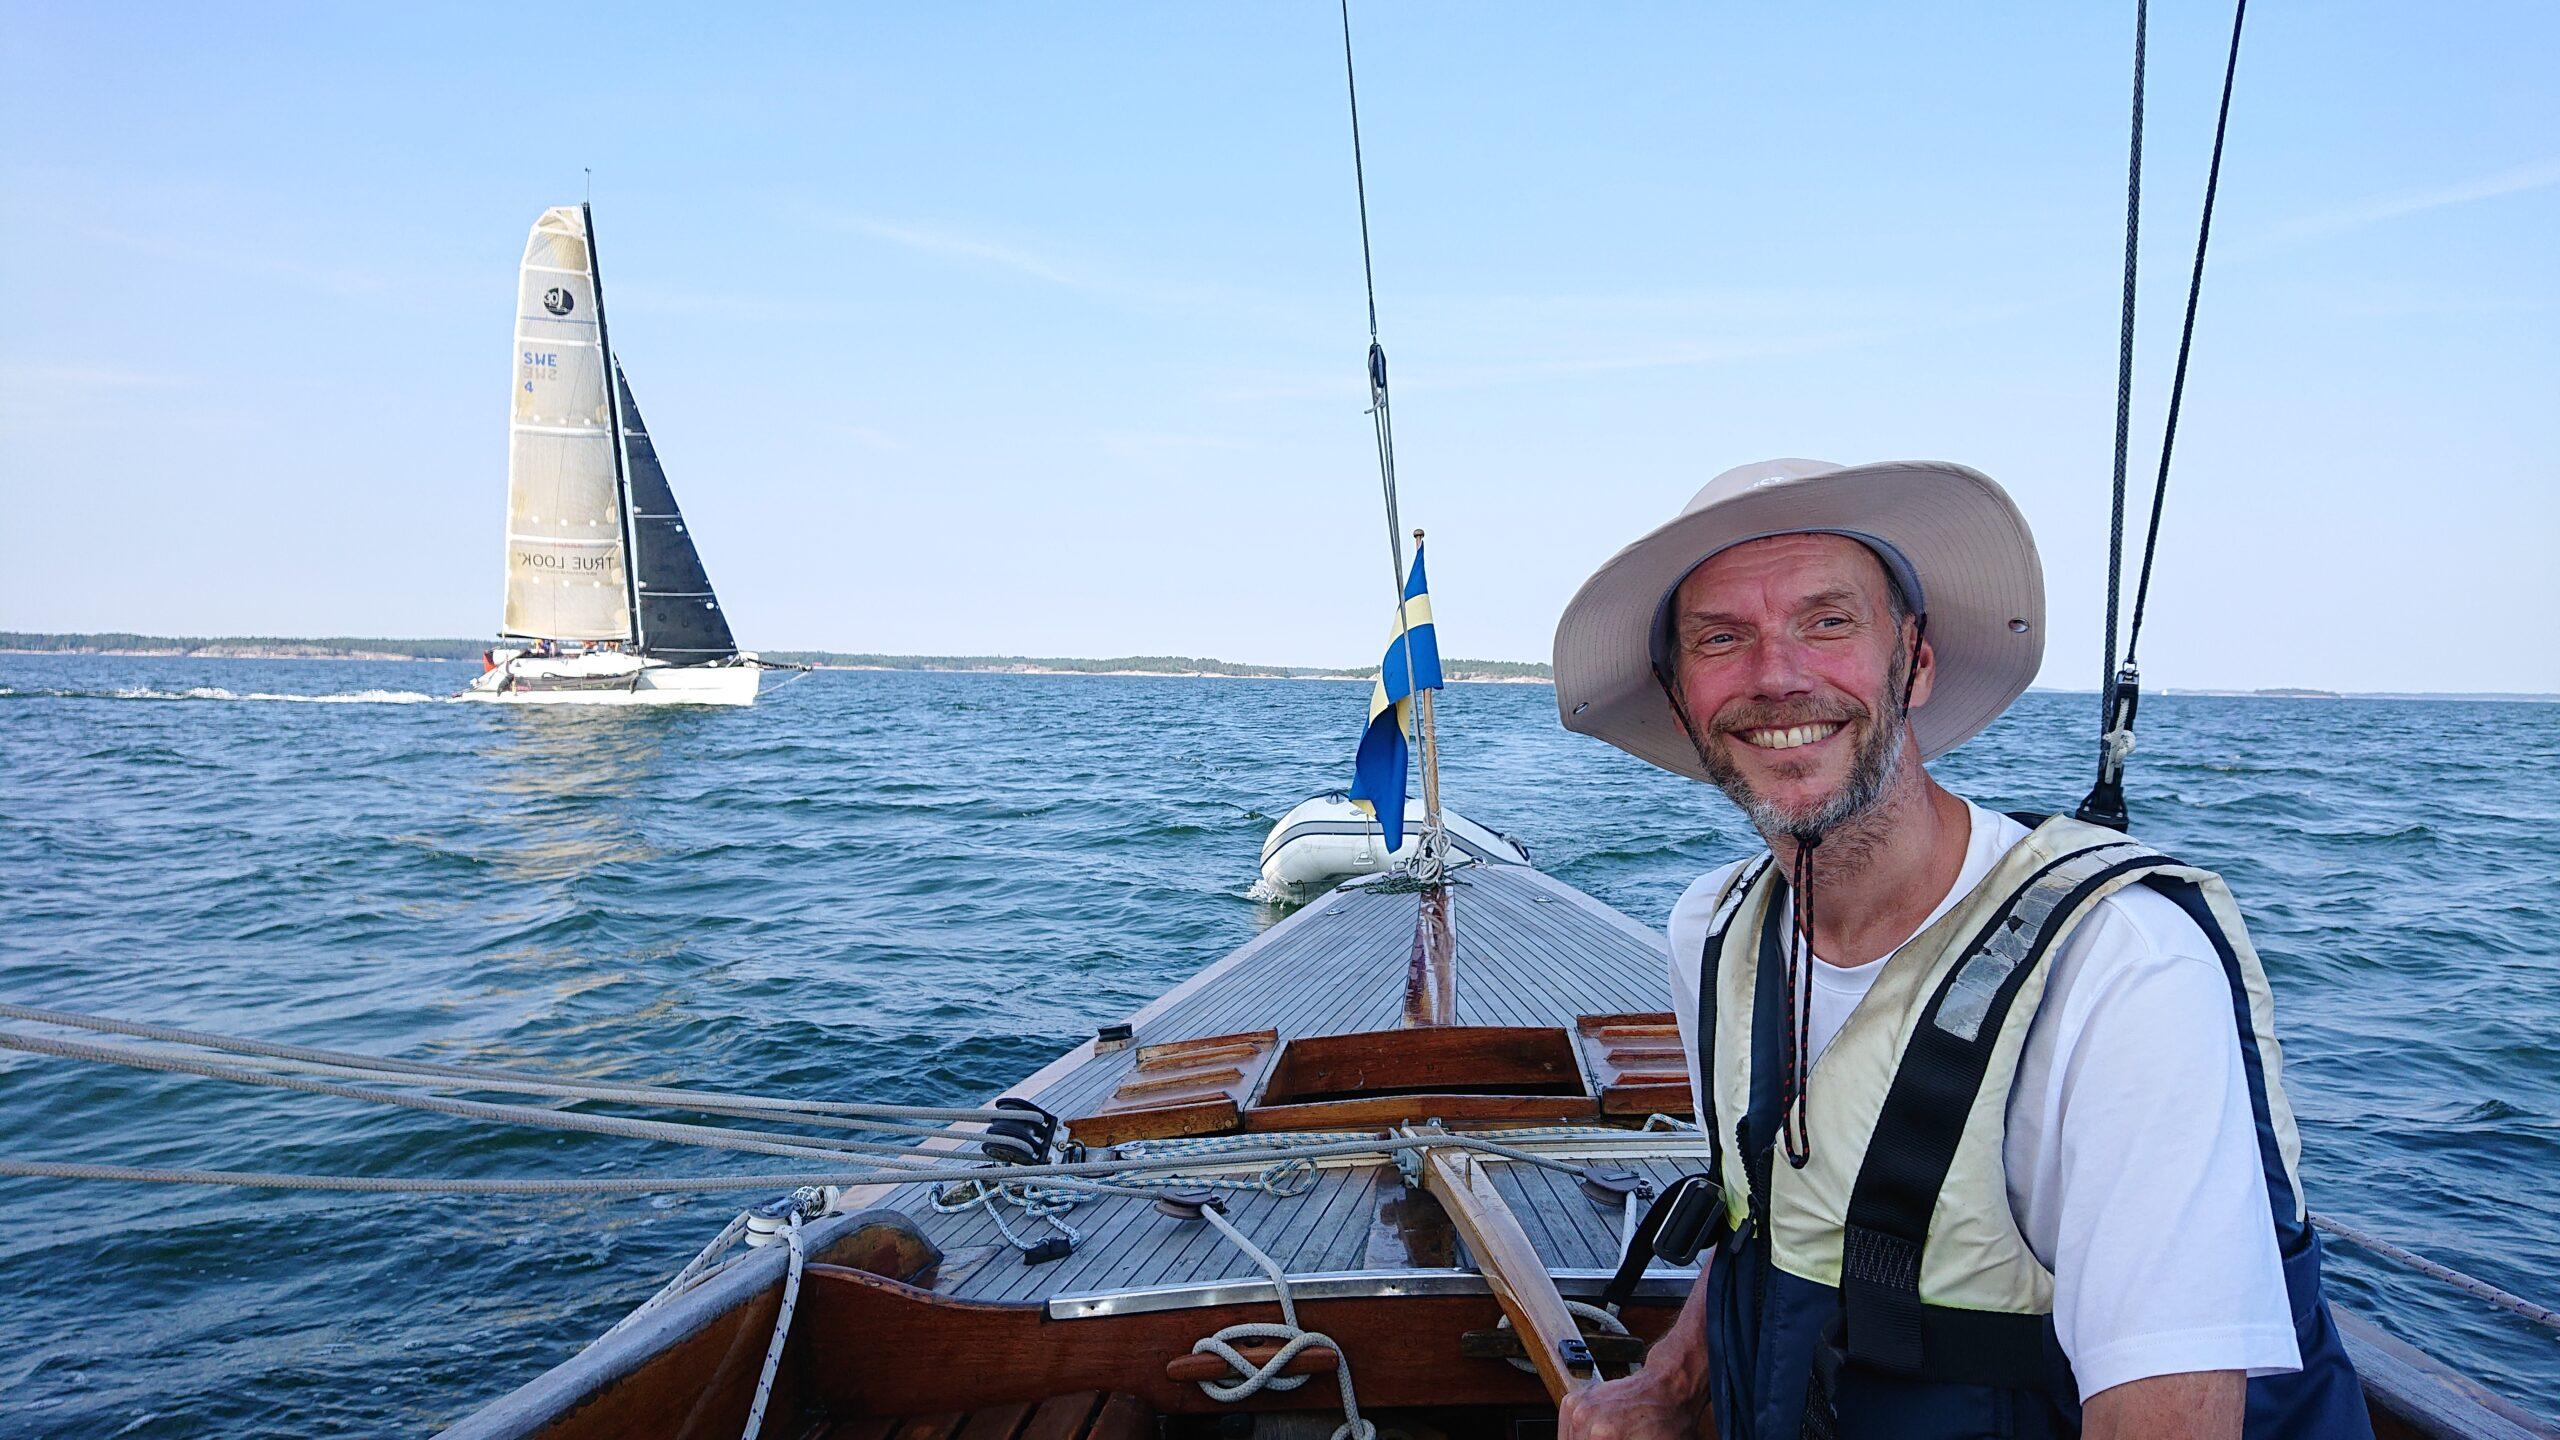 Svårbedömd situation för väjning  med  trimaran som seglade i minst dubbla hastigheten. Foto © Katarina  Swahn